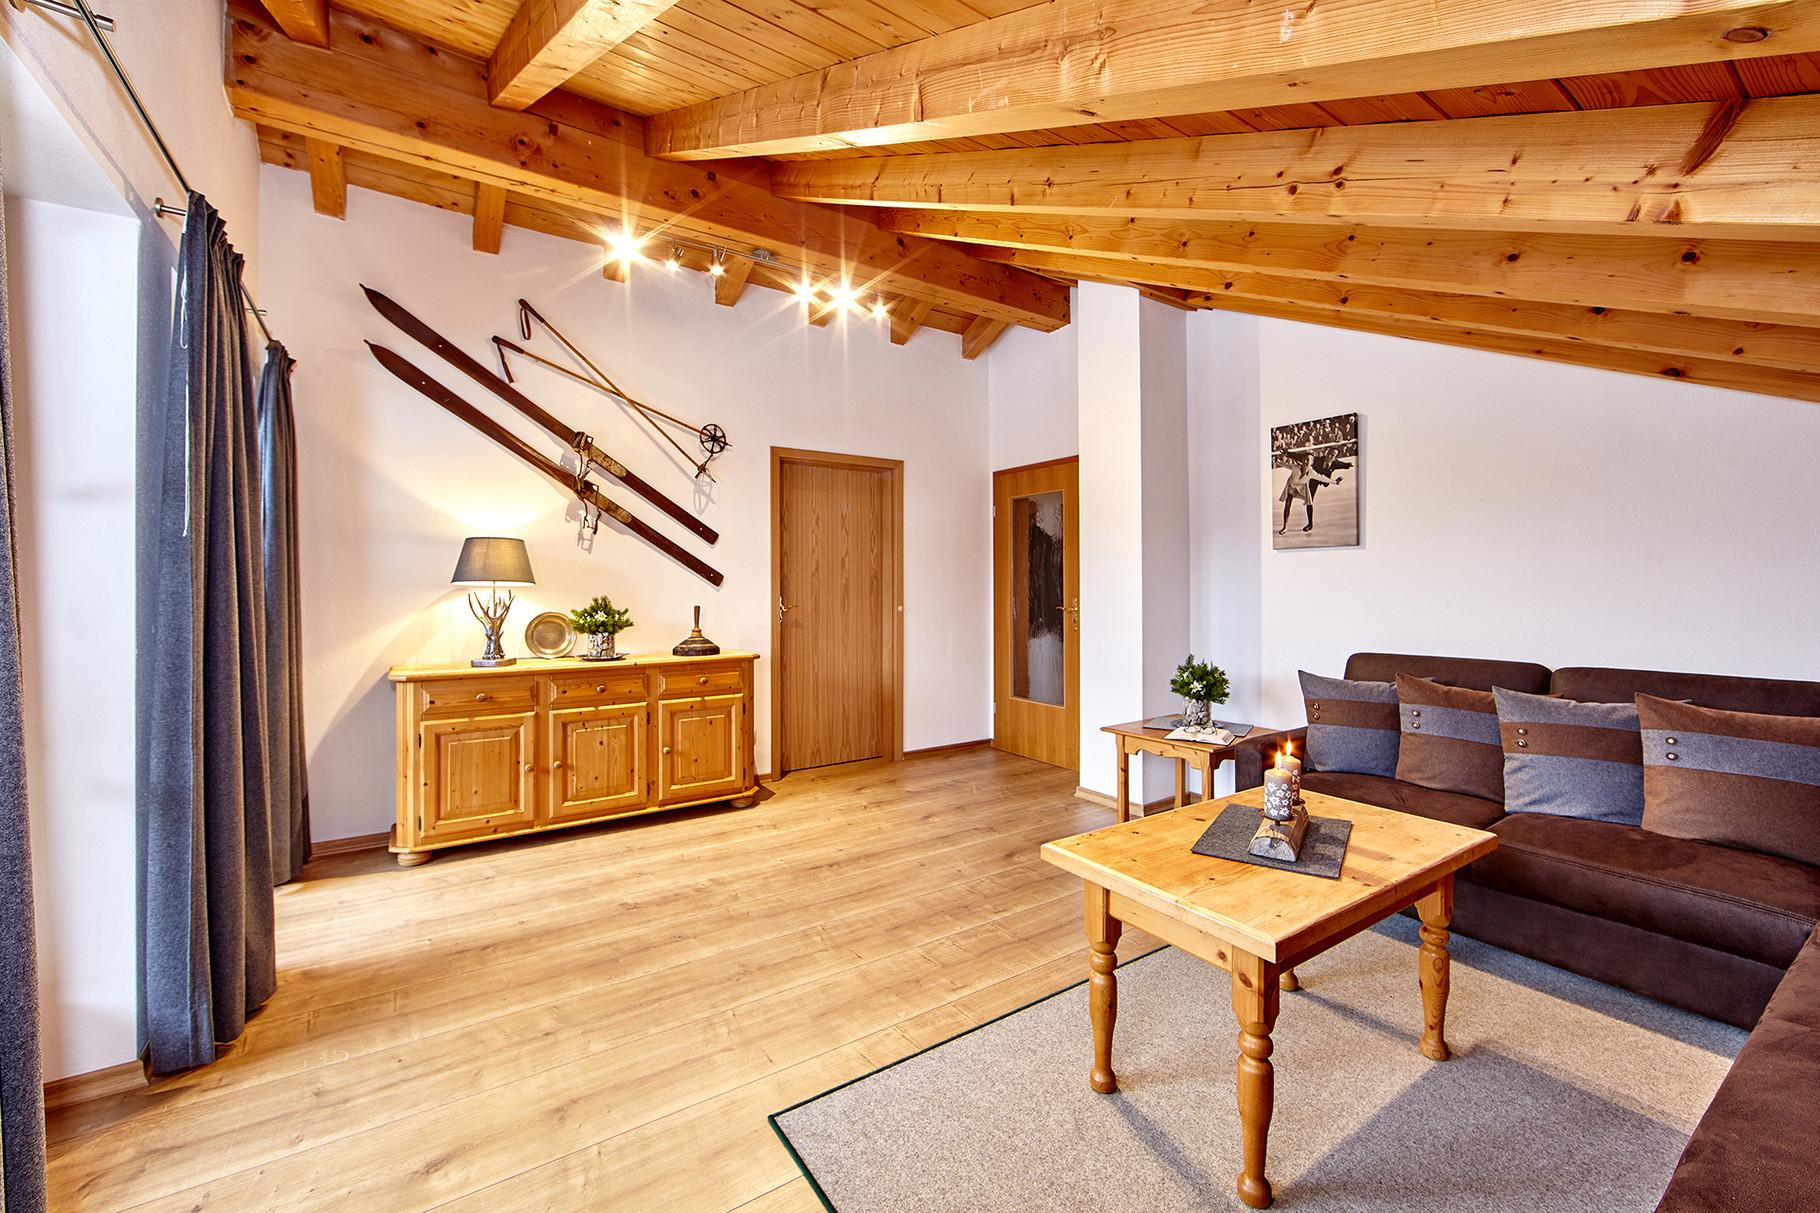 Wohnzimmer - Ferienwohnungen Wilhelm in Garmisch-Partenkirchen